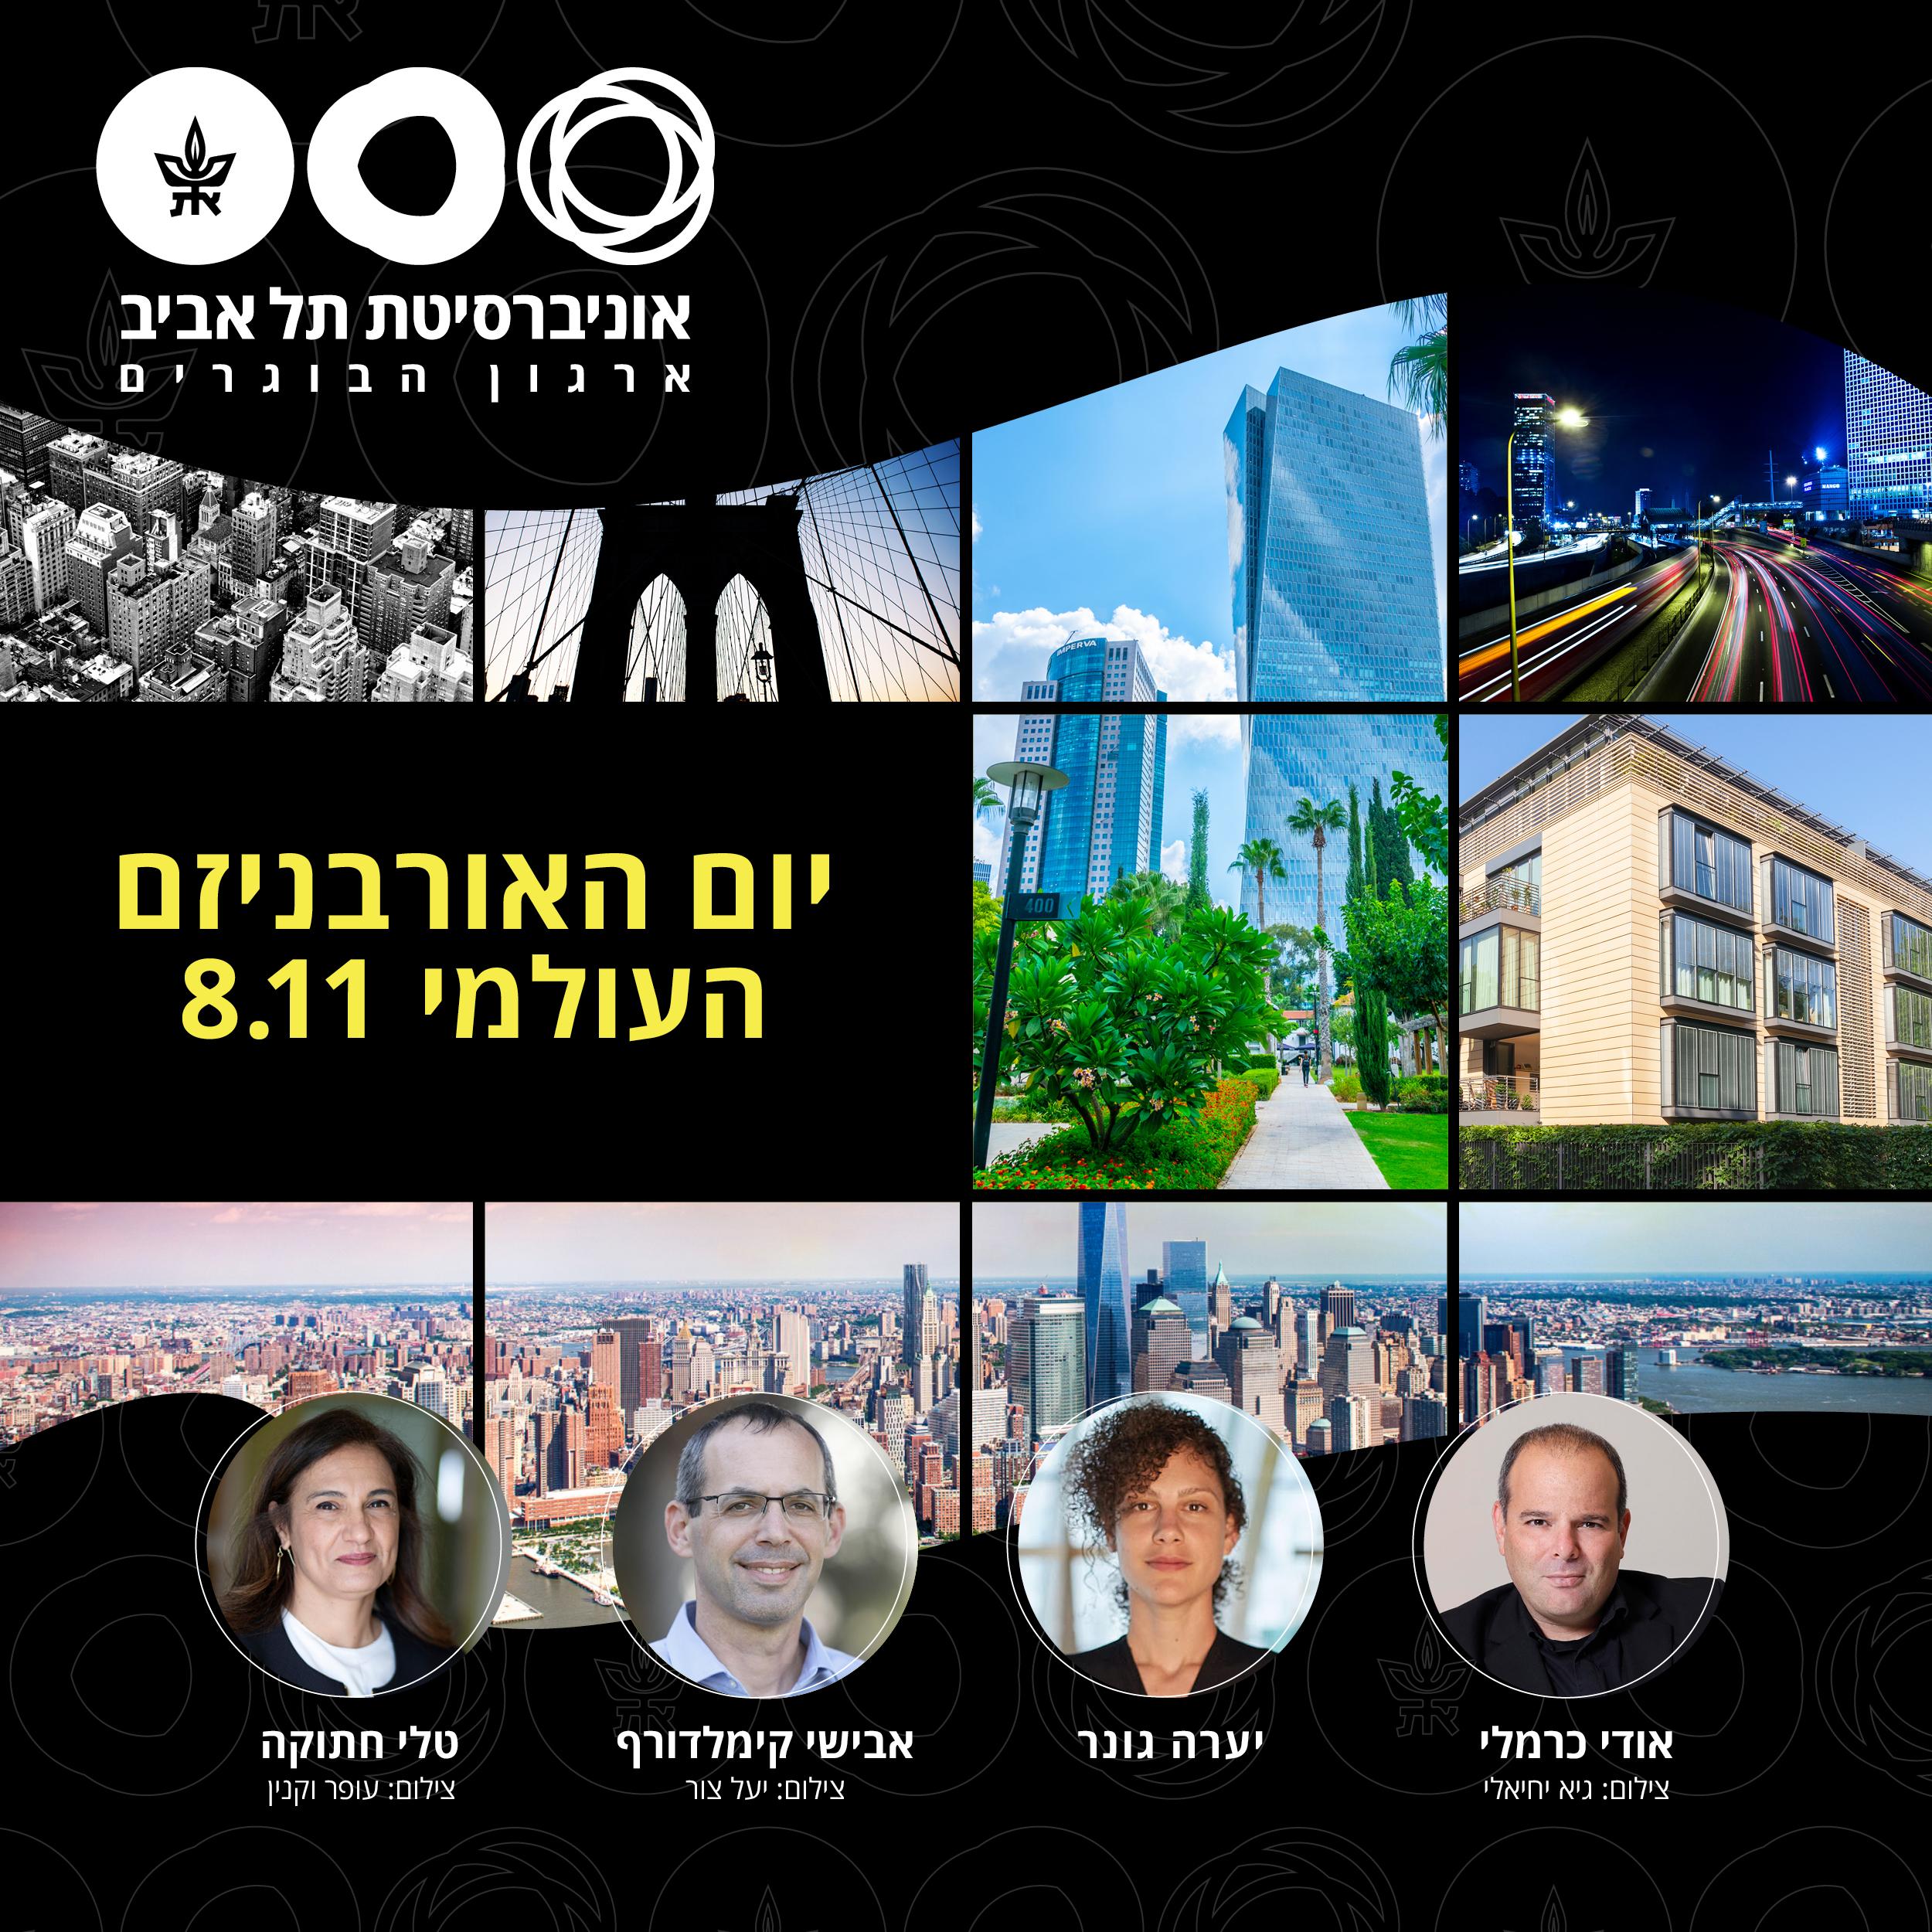 ארגון בוגרות ובוגרי אוניברסיטת תל אביב באירוע לציון יום האורבניזם העולמי